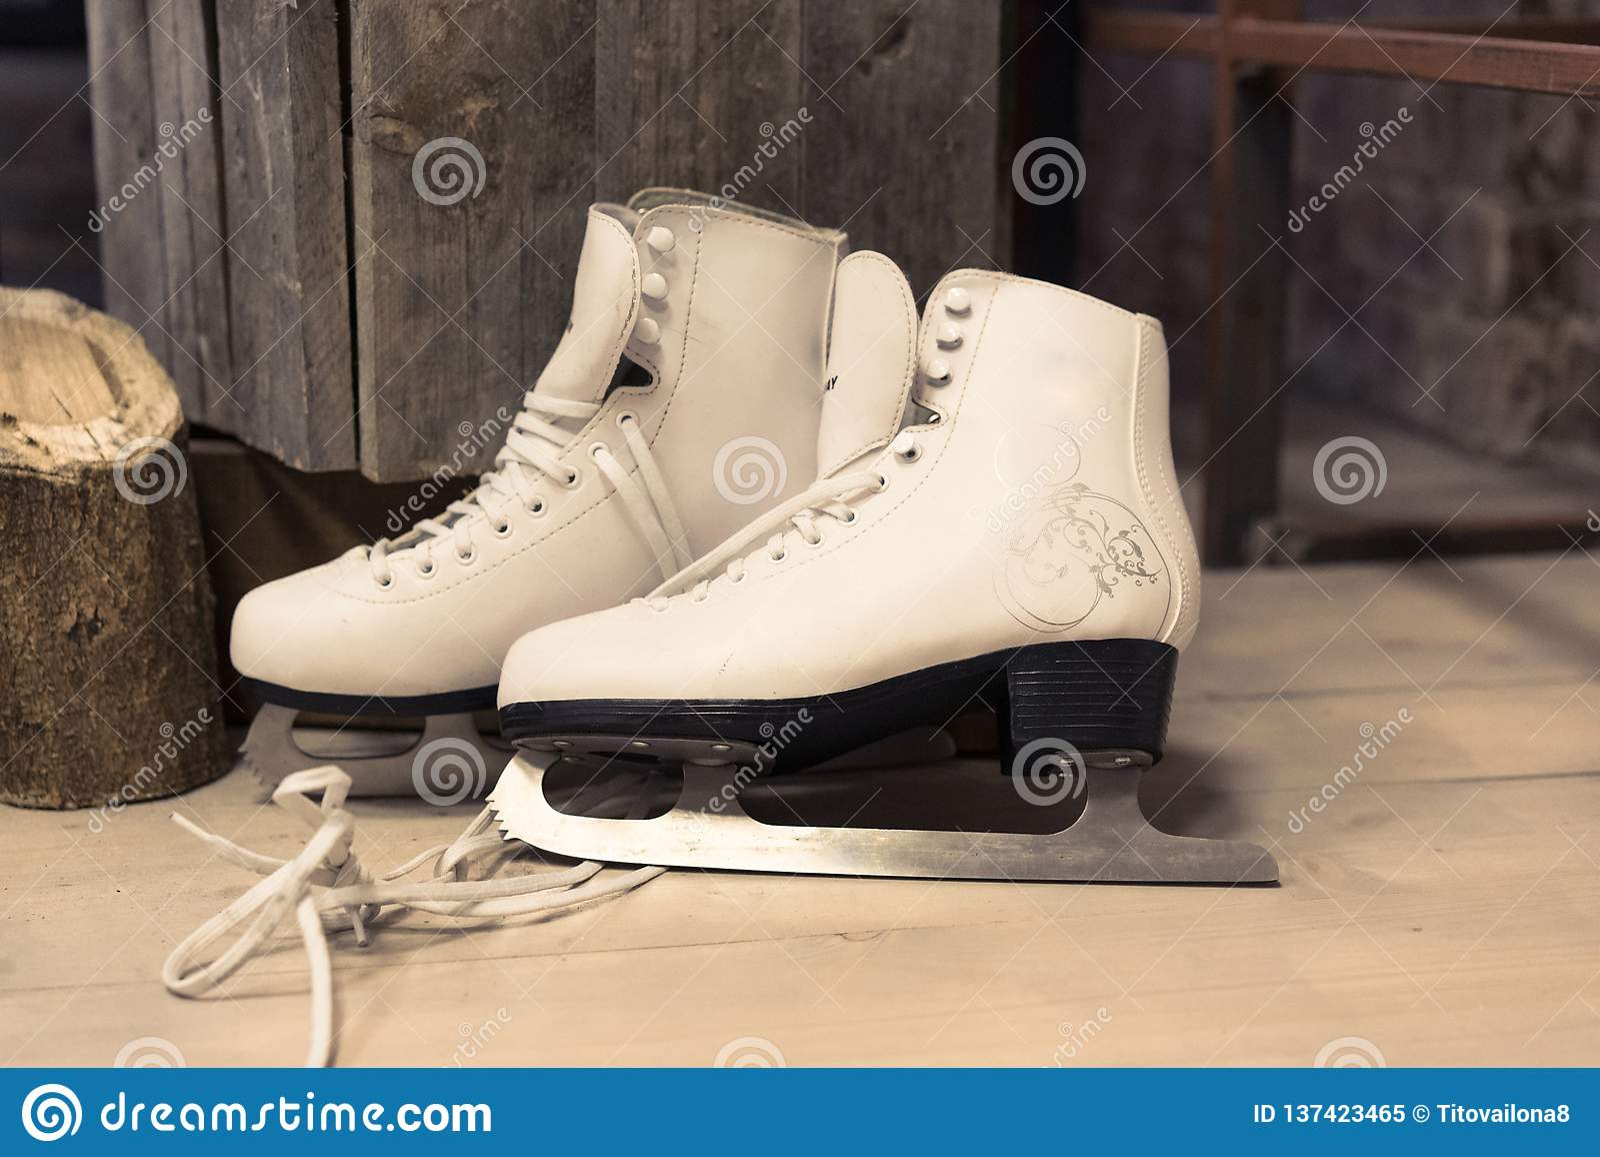 Kvinnors är vita skridskor på golvet kvinnligt att att åka skridskor skida vintern för snowsportspår